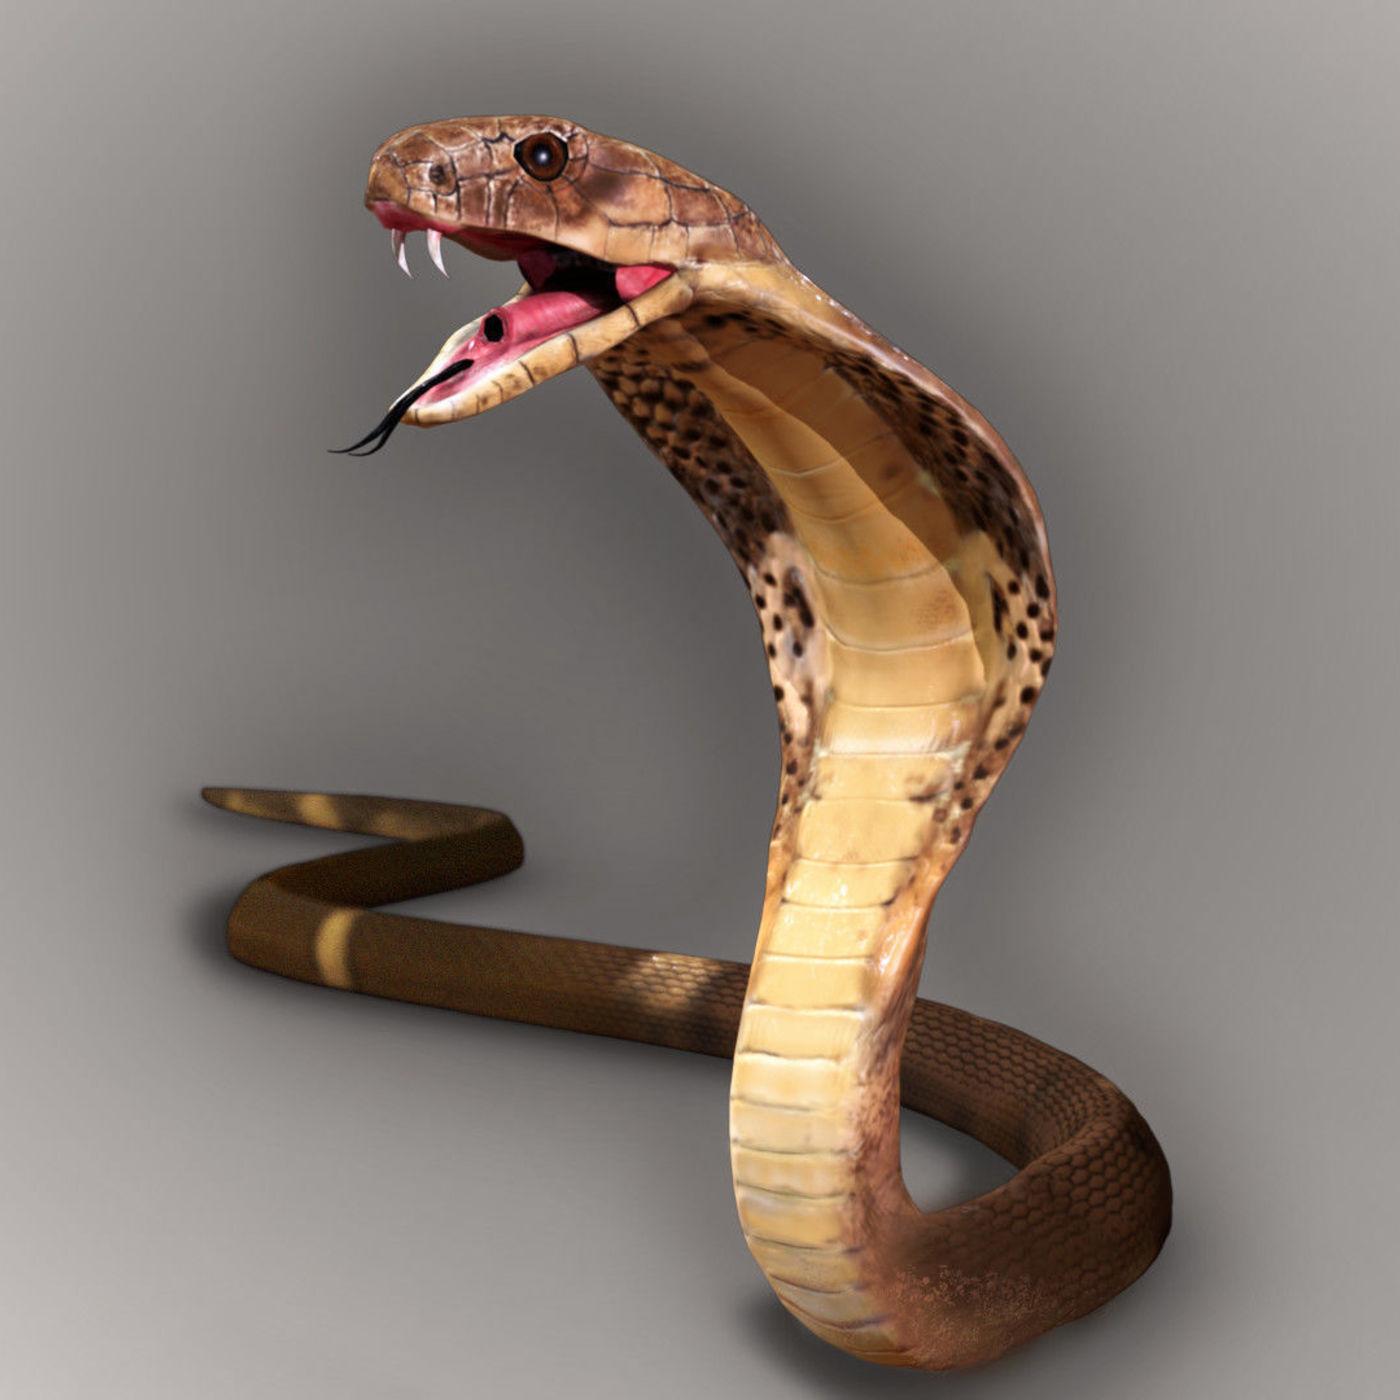 King Cobra Snake Model